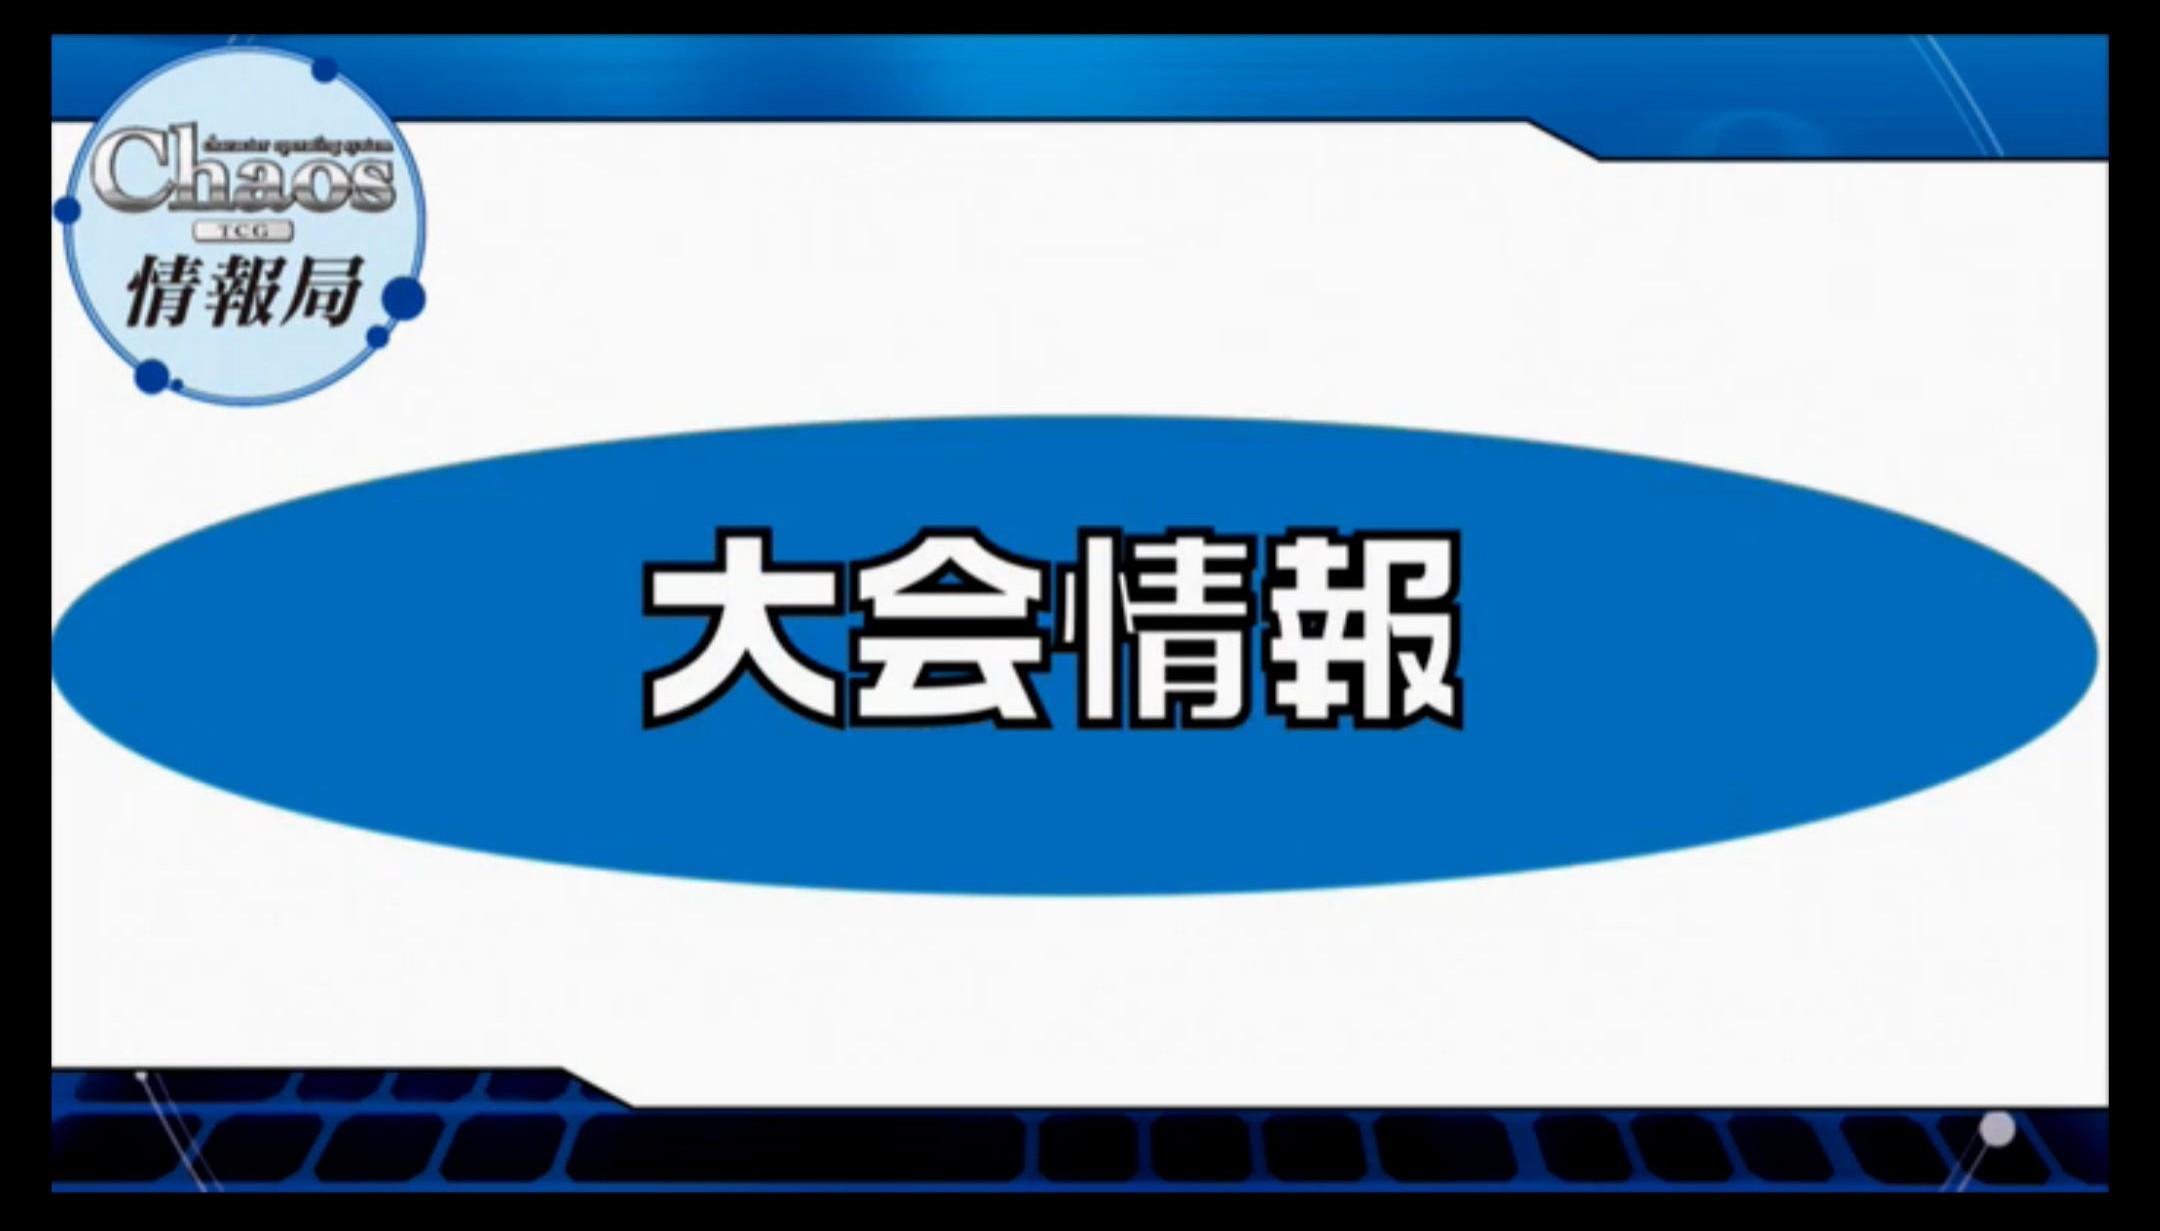 bshi-live-170420-043.jpg